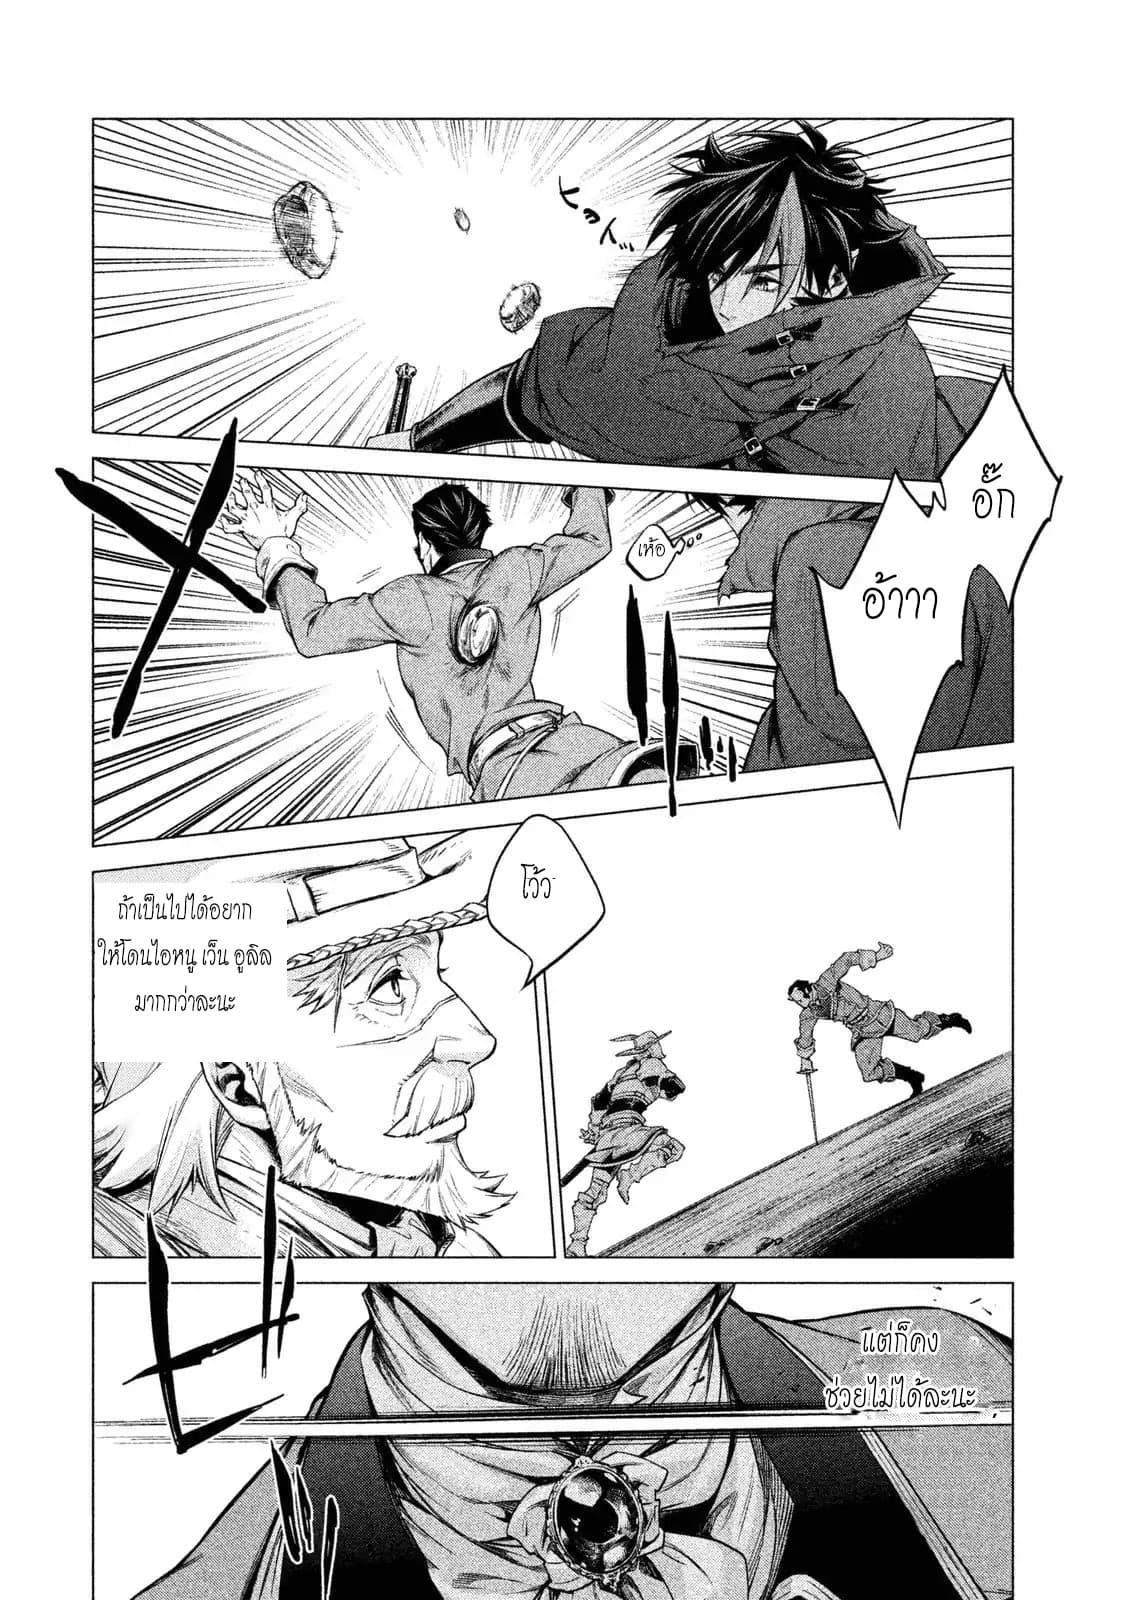 อ่านการ์ตูน Henkyou no Roukishi - Bard Loen ตอนที่ 3 หน้าที่ 18